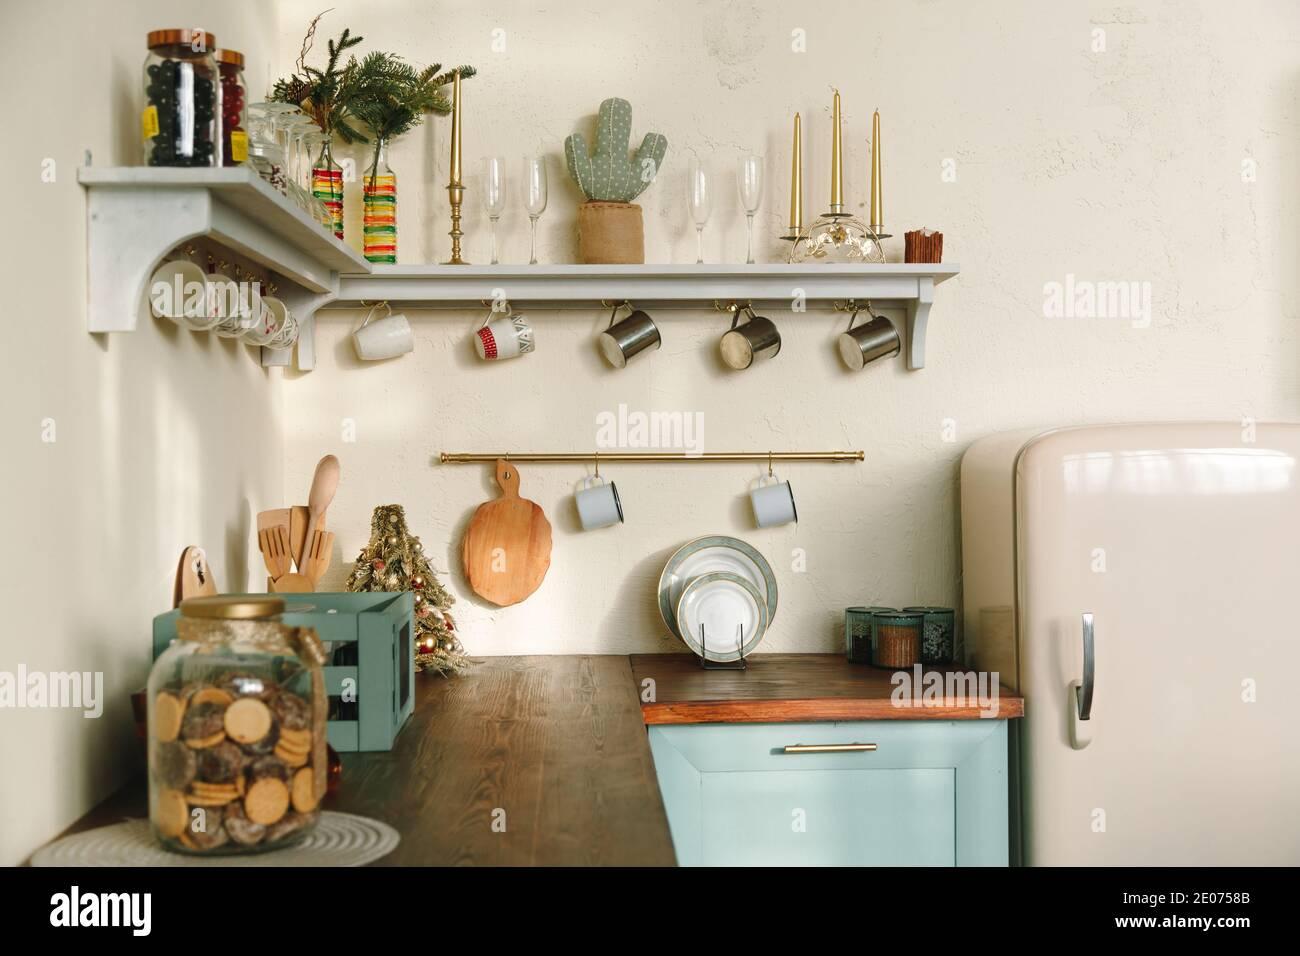 Un salotto o una cucina necessitano di piccoli accessori che,. Rustic Shelves High Resolution Stock Photography And Images Alamy